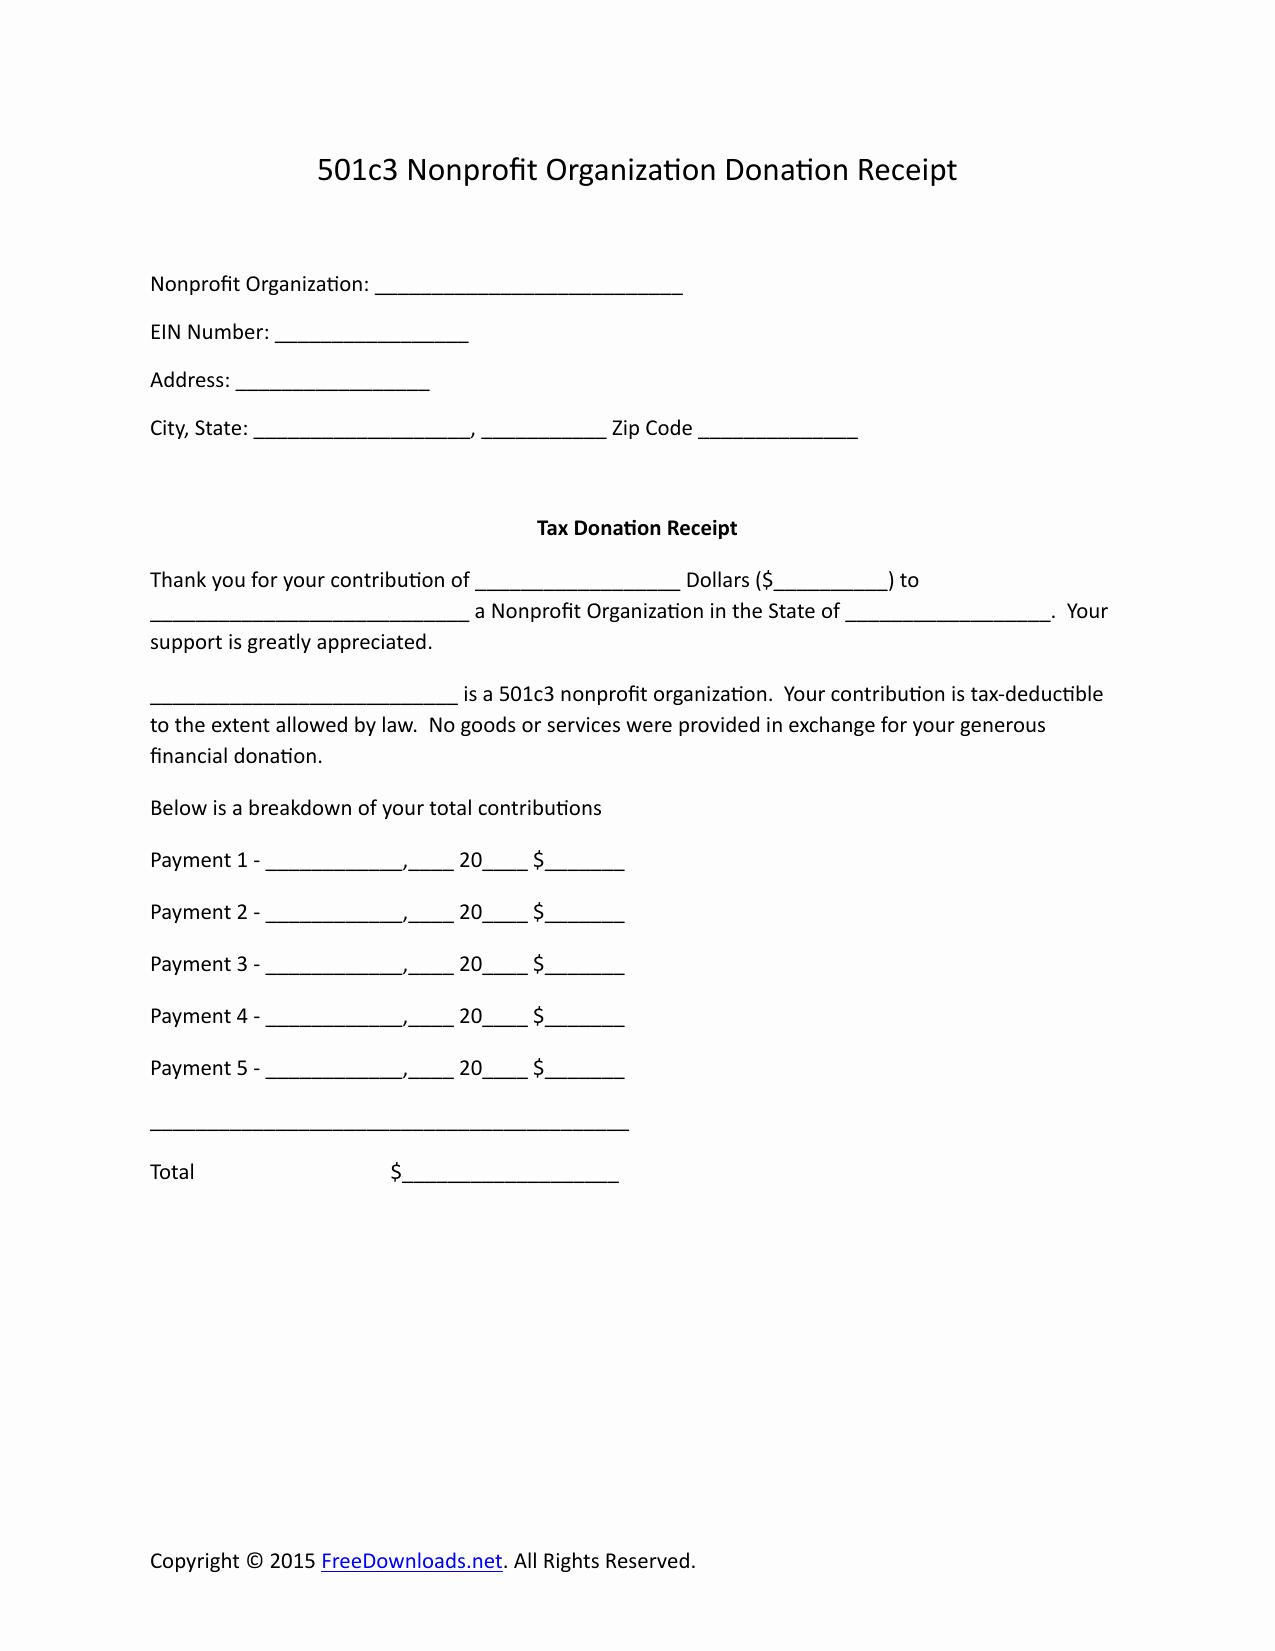 Nonprofit Donation Receipt Template Unique Download 501c3 Donation Receipt Letter for Tax Purposes